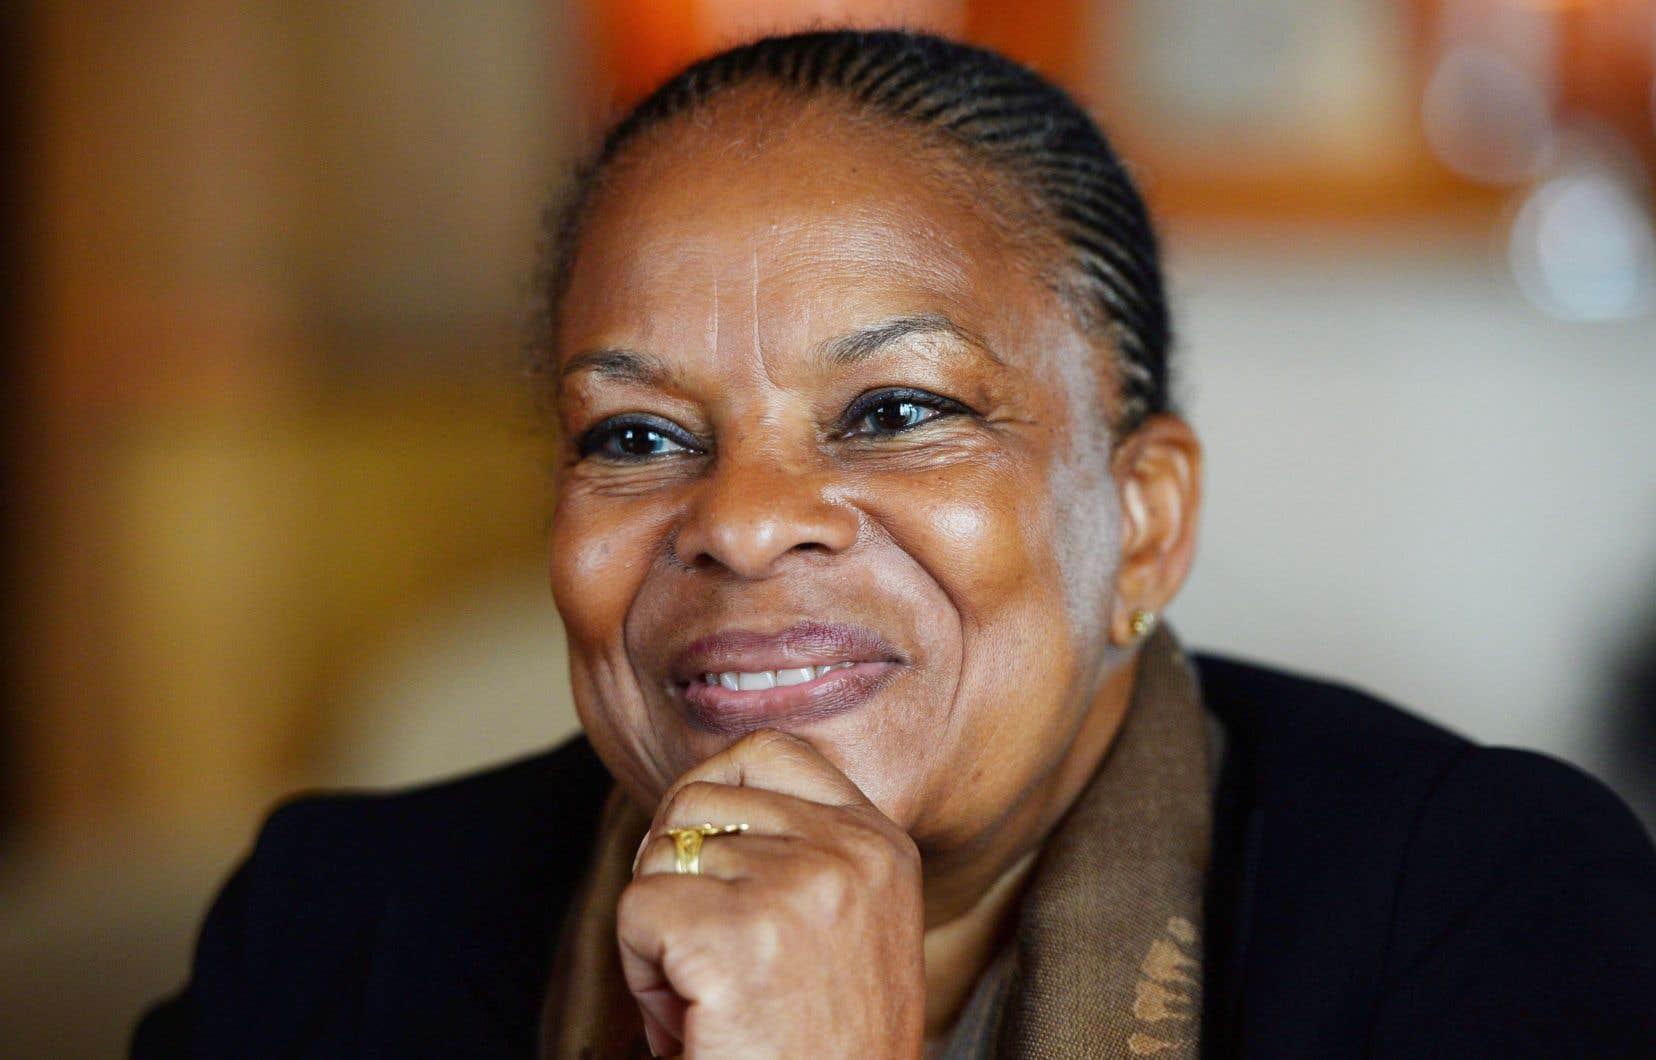 L'ex-ministre française de la Justice, Christiane Taubira, sera de l'événement. Elle est photographiée ici en avril 2015 à Ottawa.